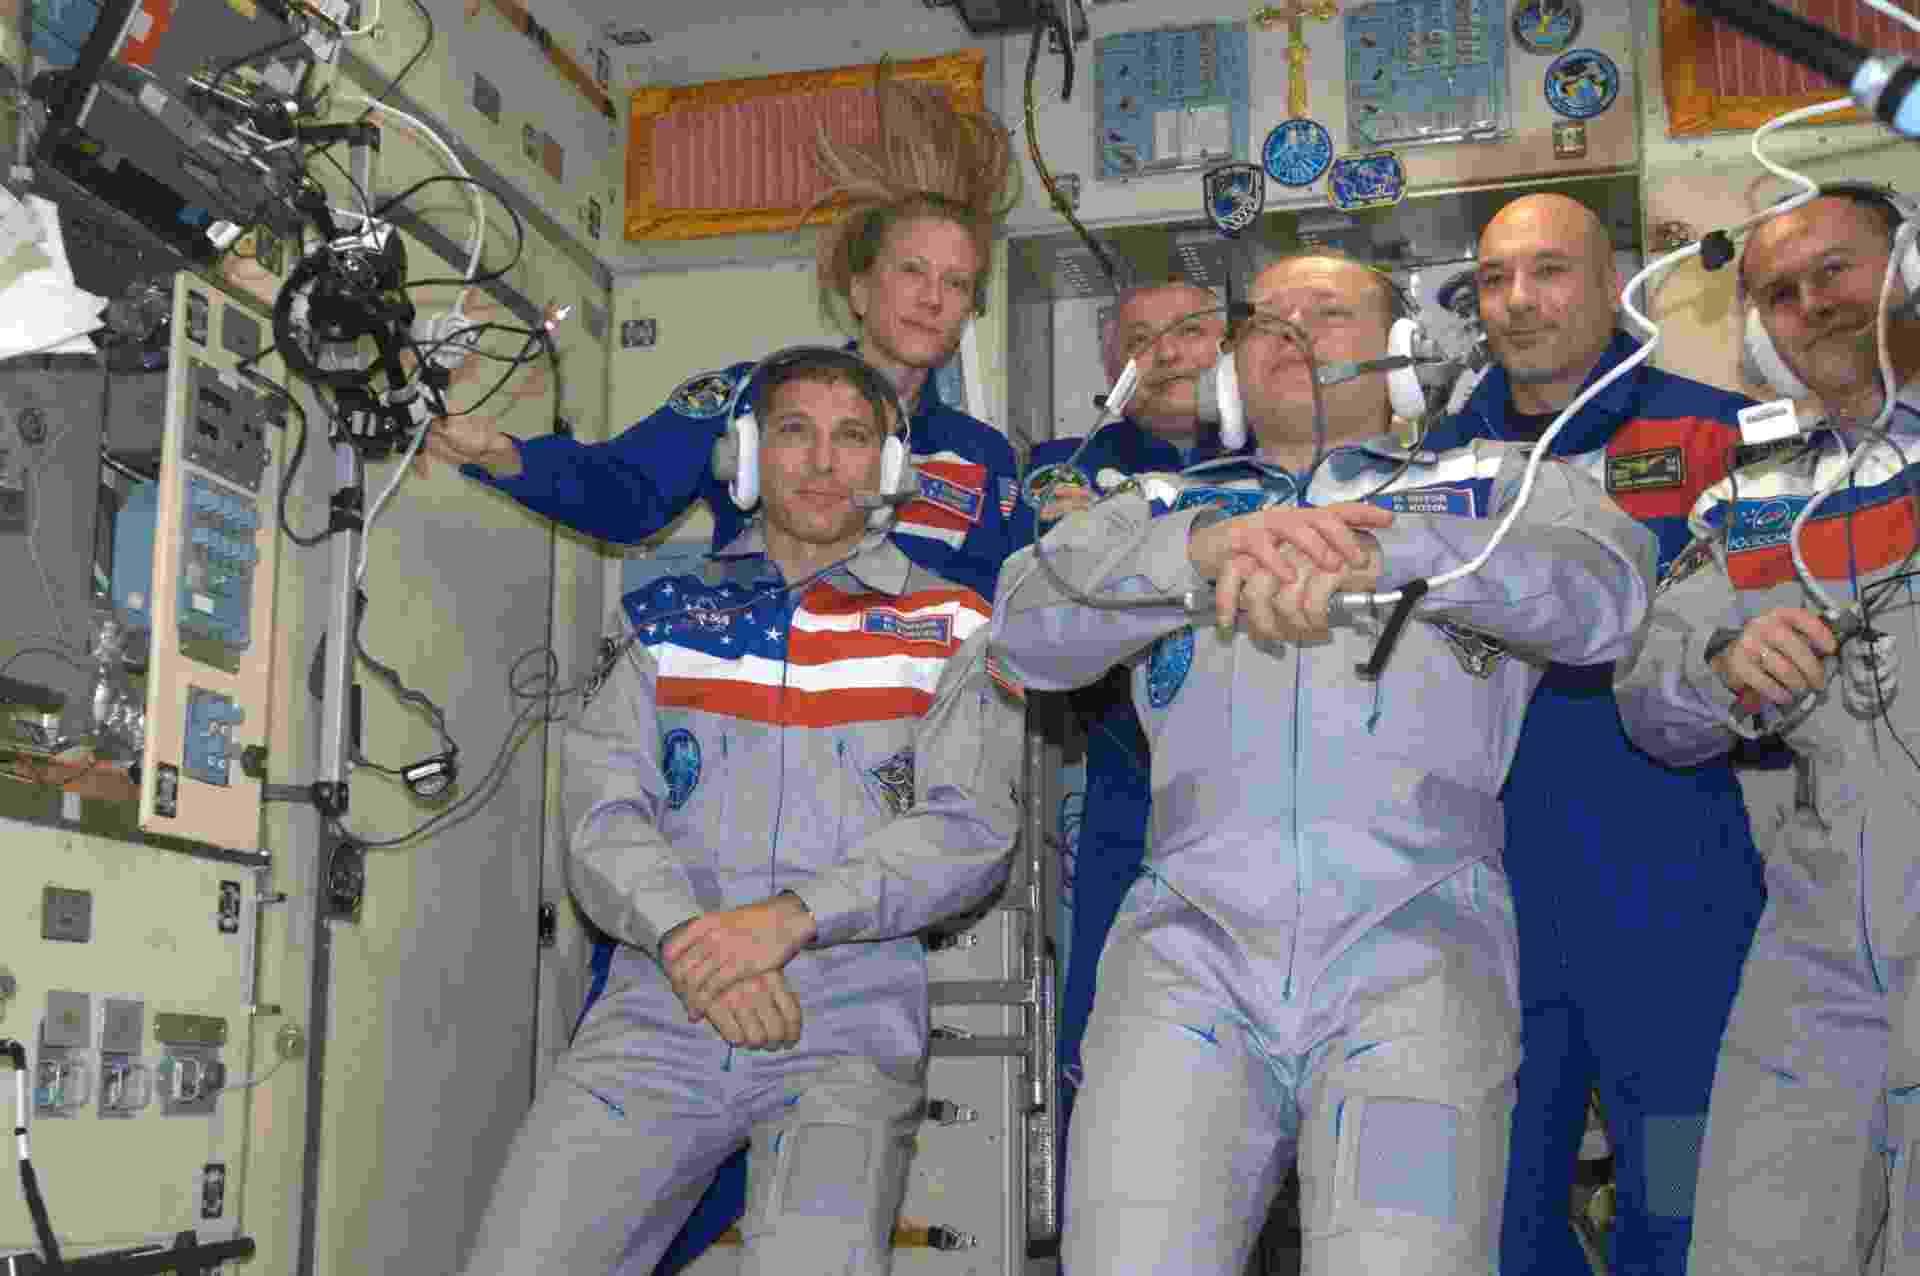 26.set.2013 - Mike Hopkins, Oleg Kotov e Sergey Ryazanskiy (à frente, da esquerda para a direita) conversam com parentes na Terra após chegada na Estação Espacial Internacional (ISS, na sigla em inglês). A nave russa Soyuz se acoplou à plataforma aproximadamente às 23h45 desta quarta-feira (25), no horário de Brasília - Volare Mission/ESA